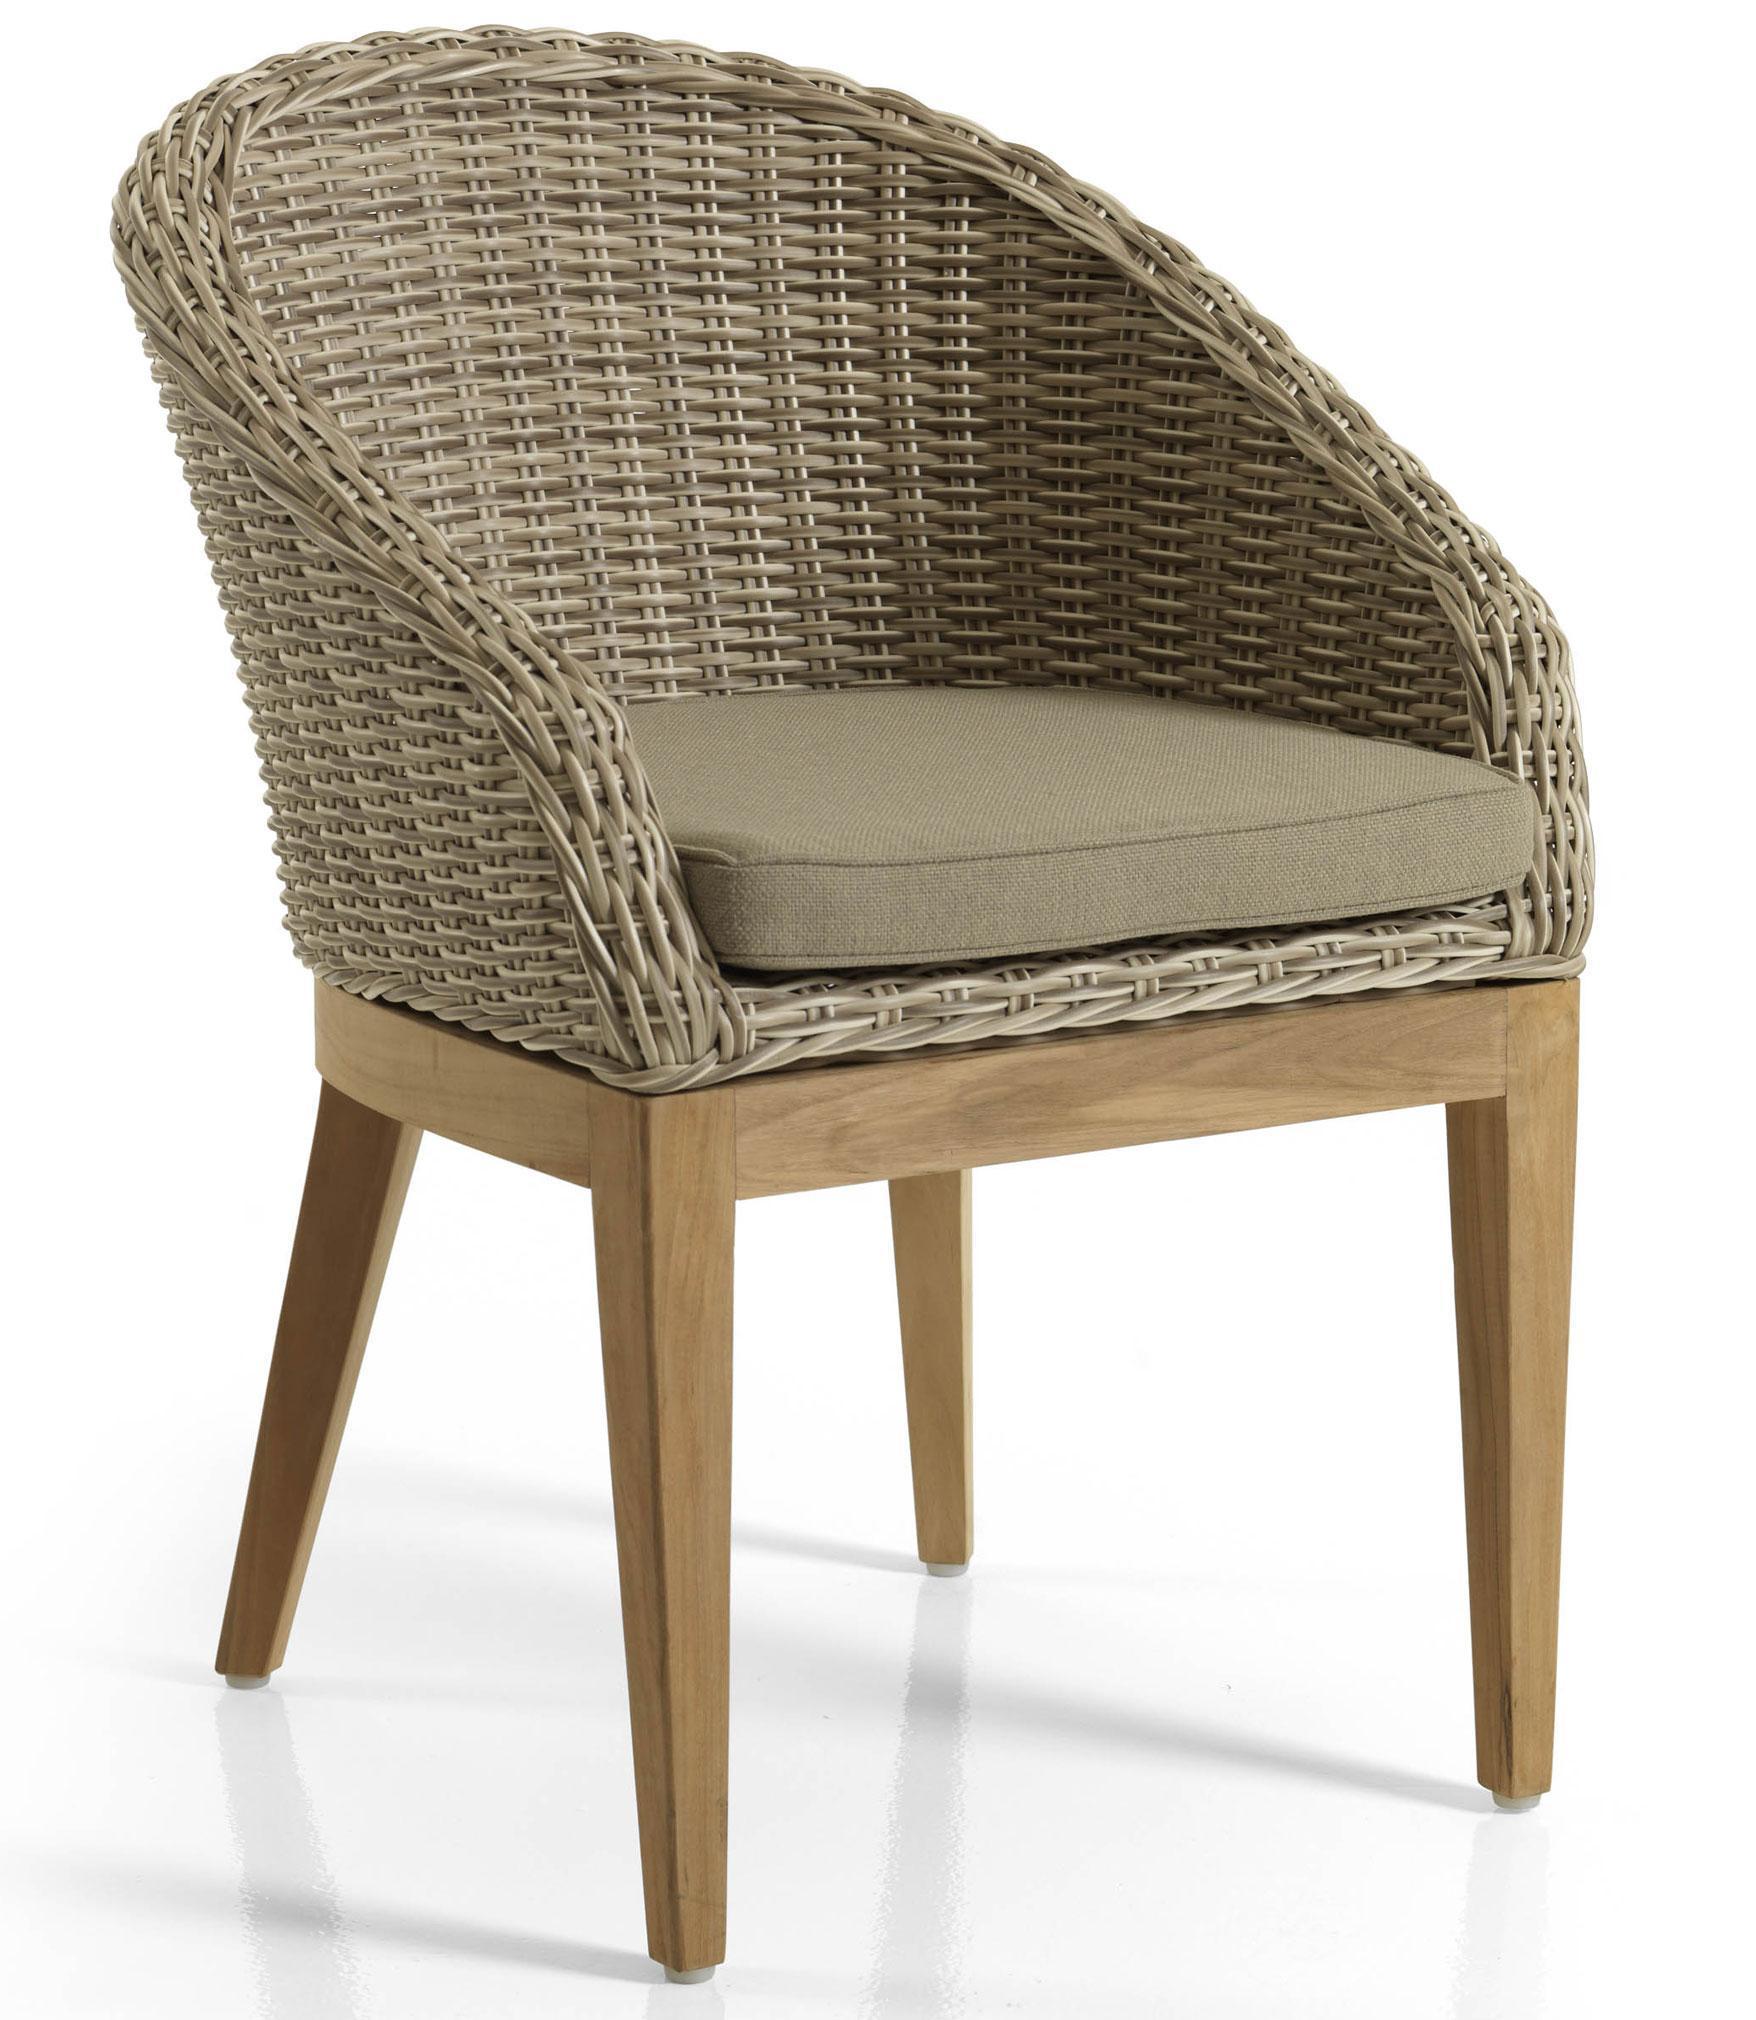 Обеденный стул OntarioПлетеная мебель из искусственного ротанга<br>Размер: 60х78 В43<br><br>Артикул: 10580-51-23<br>Материалы: Искусственный ротанг<br>Каркас: Алюминиевый<br>Полный размер: 60х78 В43<br>Комплектация: Подушки<br>Цвет: Светло-бежевый<br>Изготовление и доставка: 2-3 дня<br>Условия доставки: Бесплатная по Москве до подъезда<br>Условие оплаты: Оплата наличными при получении товара<br>Гарантия: 12 месяцев<br>Производство: Швеция<br>Производитель: Brafab